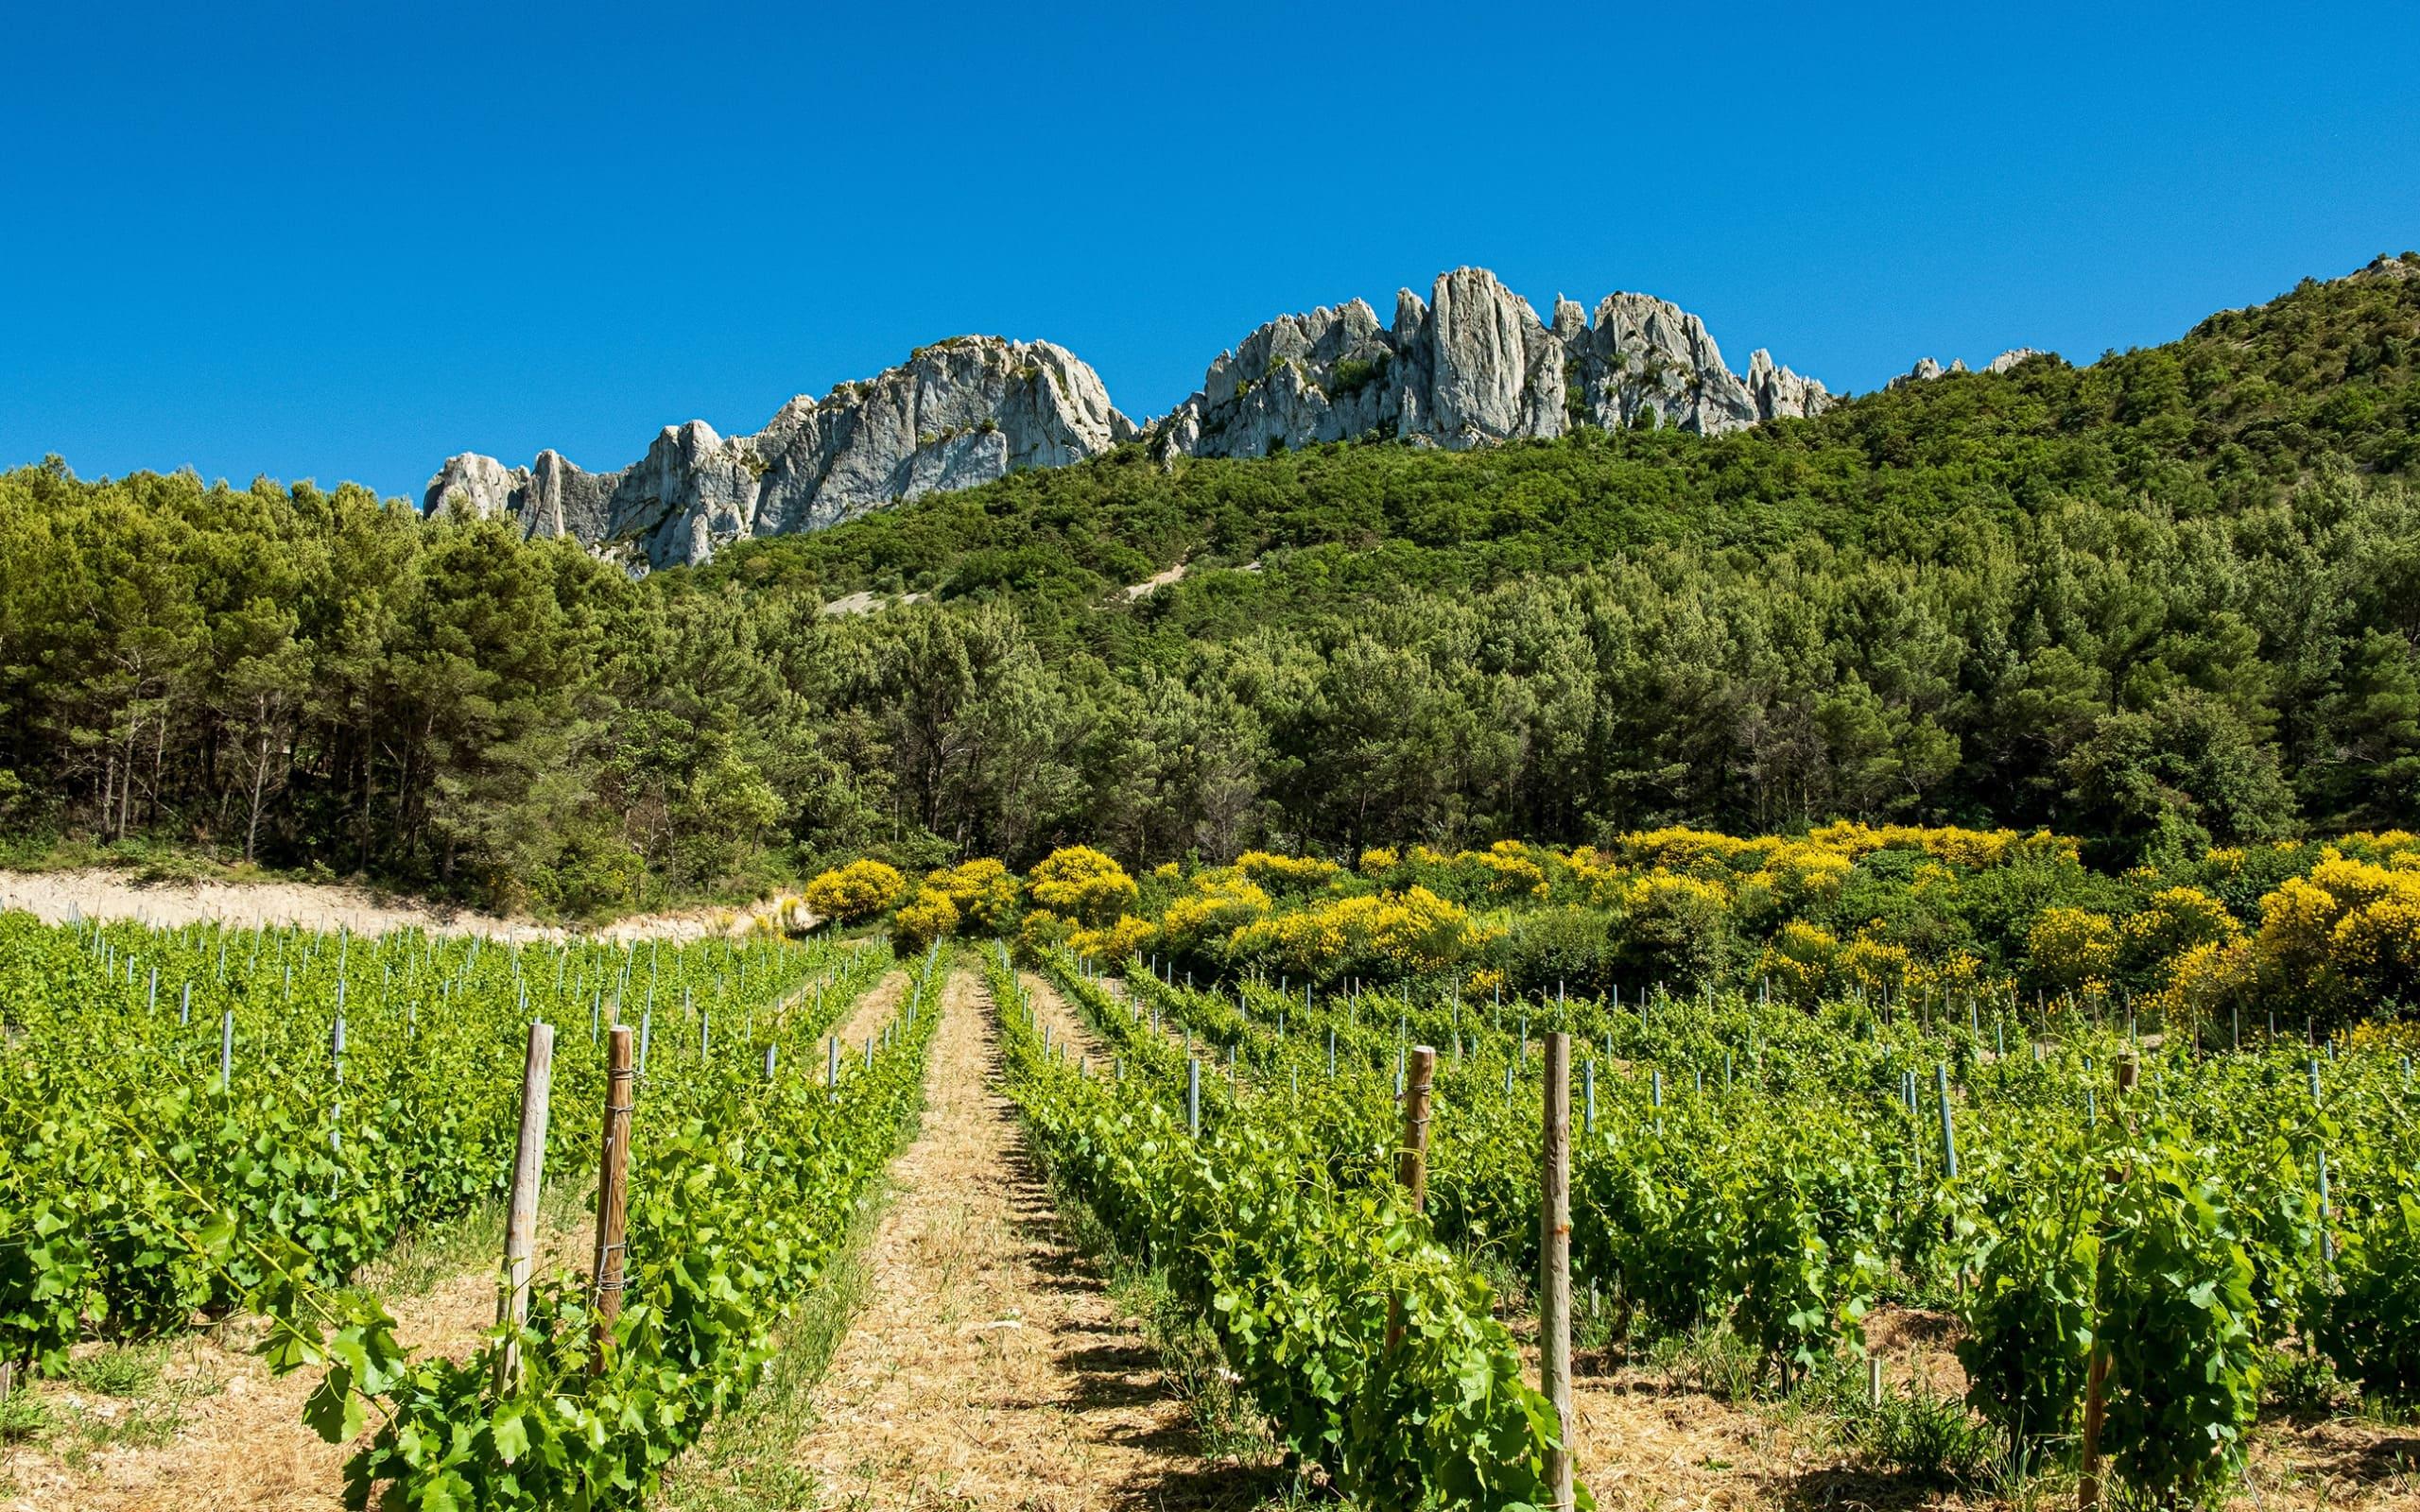 Горный пейзаж природы во Франции, заставки ultra hd, горы, солнце, 2560 на 1600 пикселей